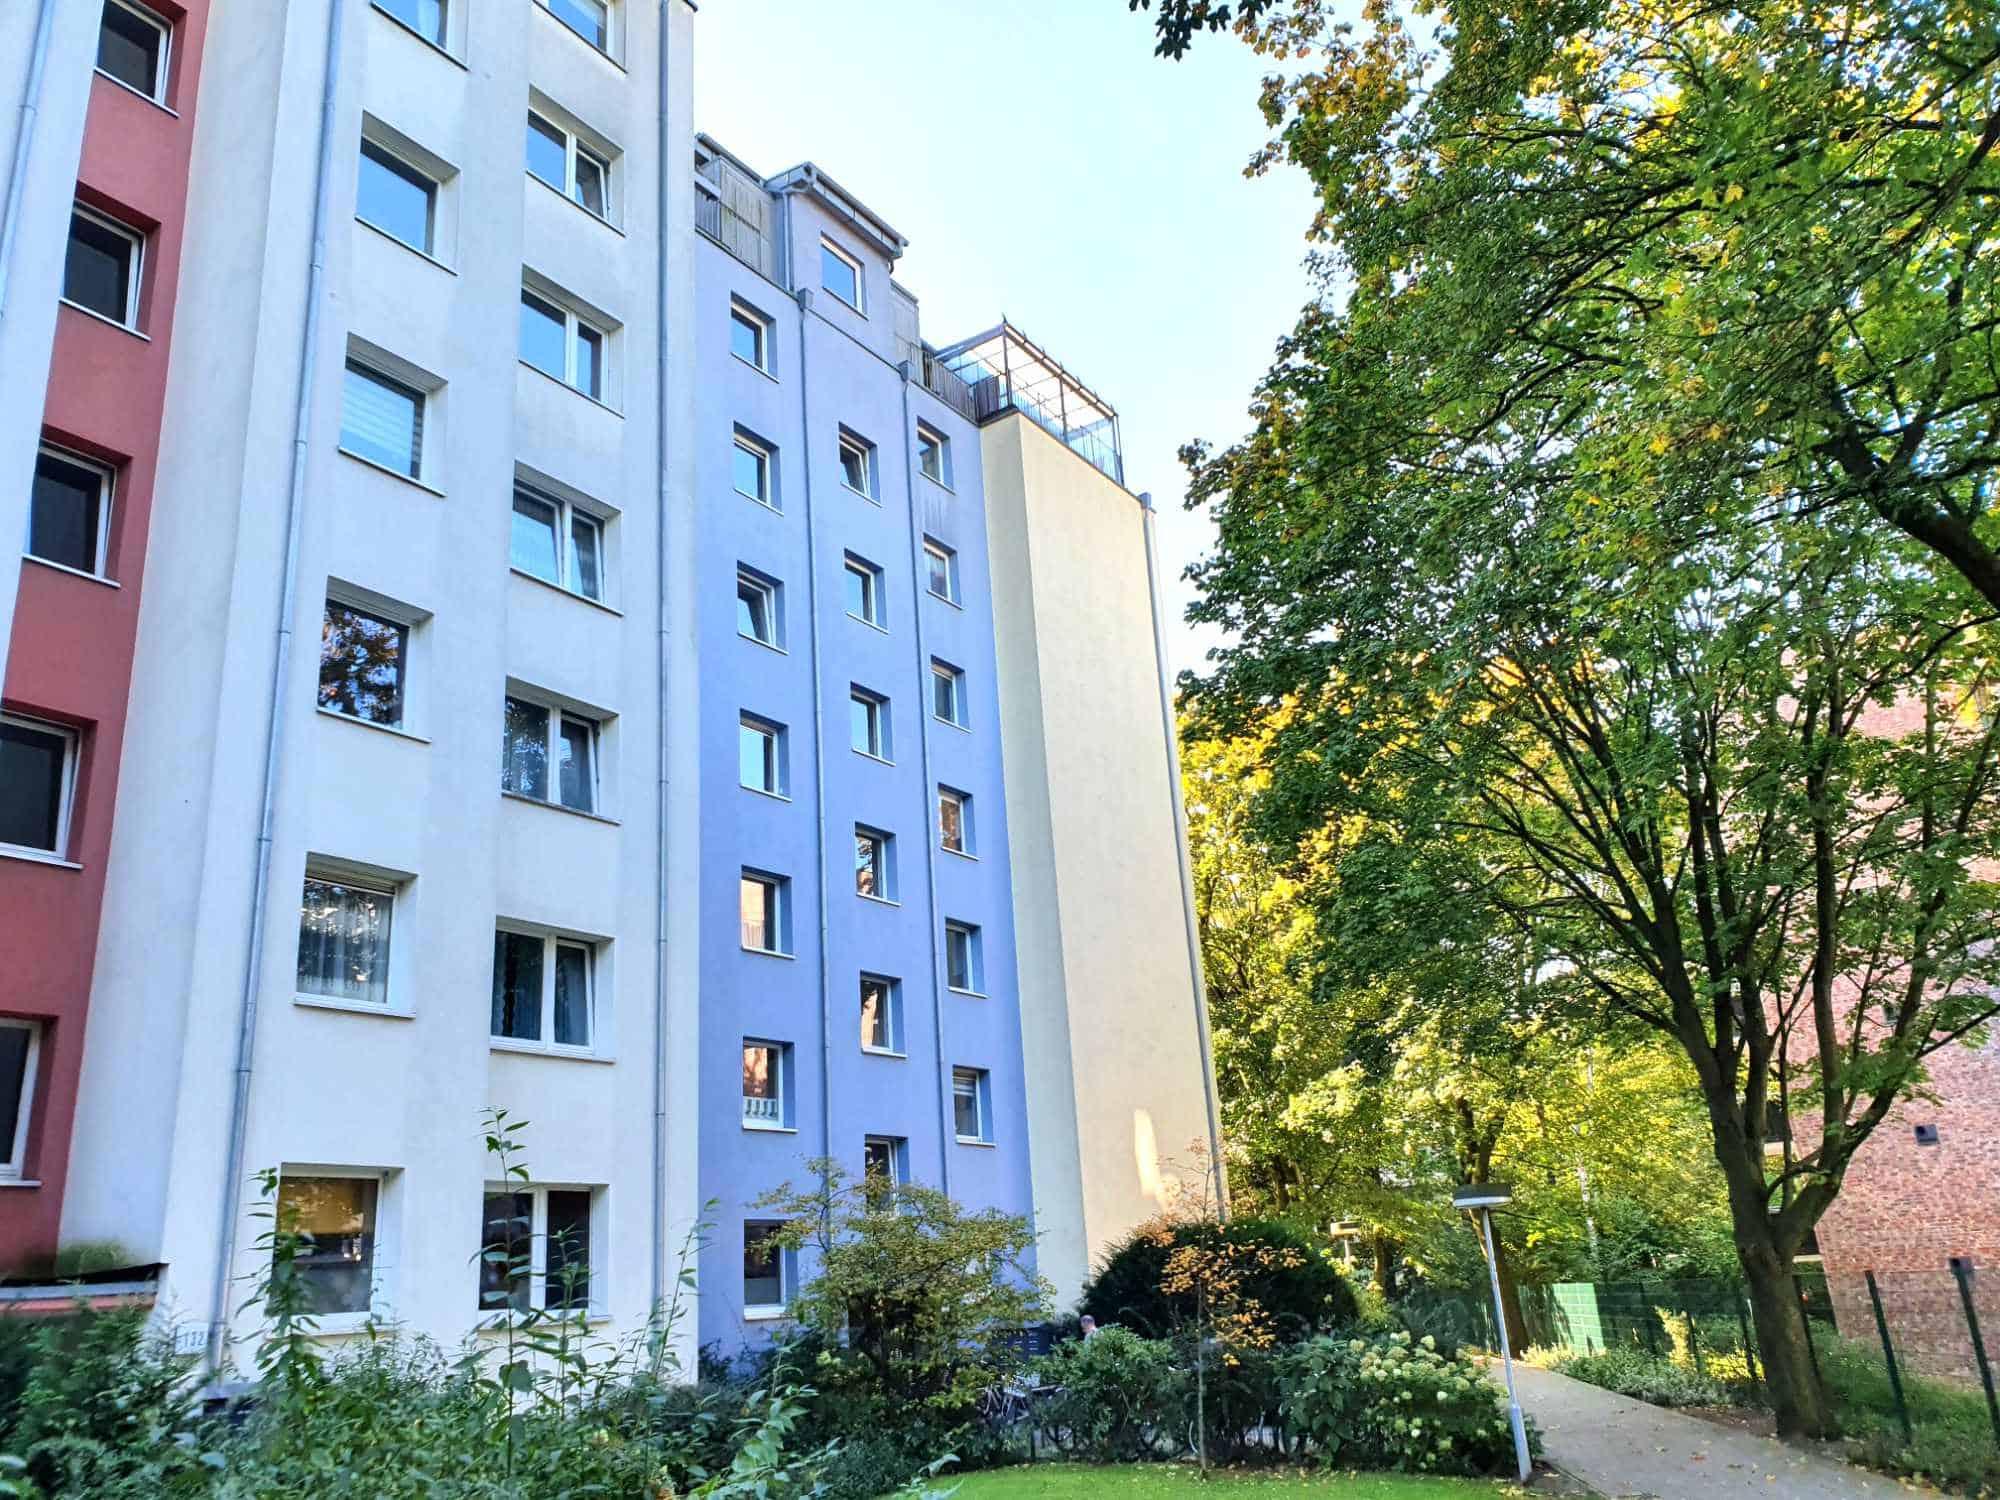 Provisionsfrei: 1 Zimmer Wohnung nahe UKE, Außenansicht